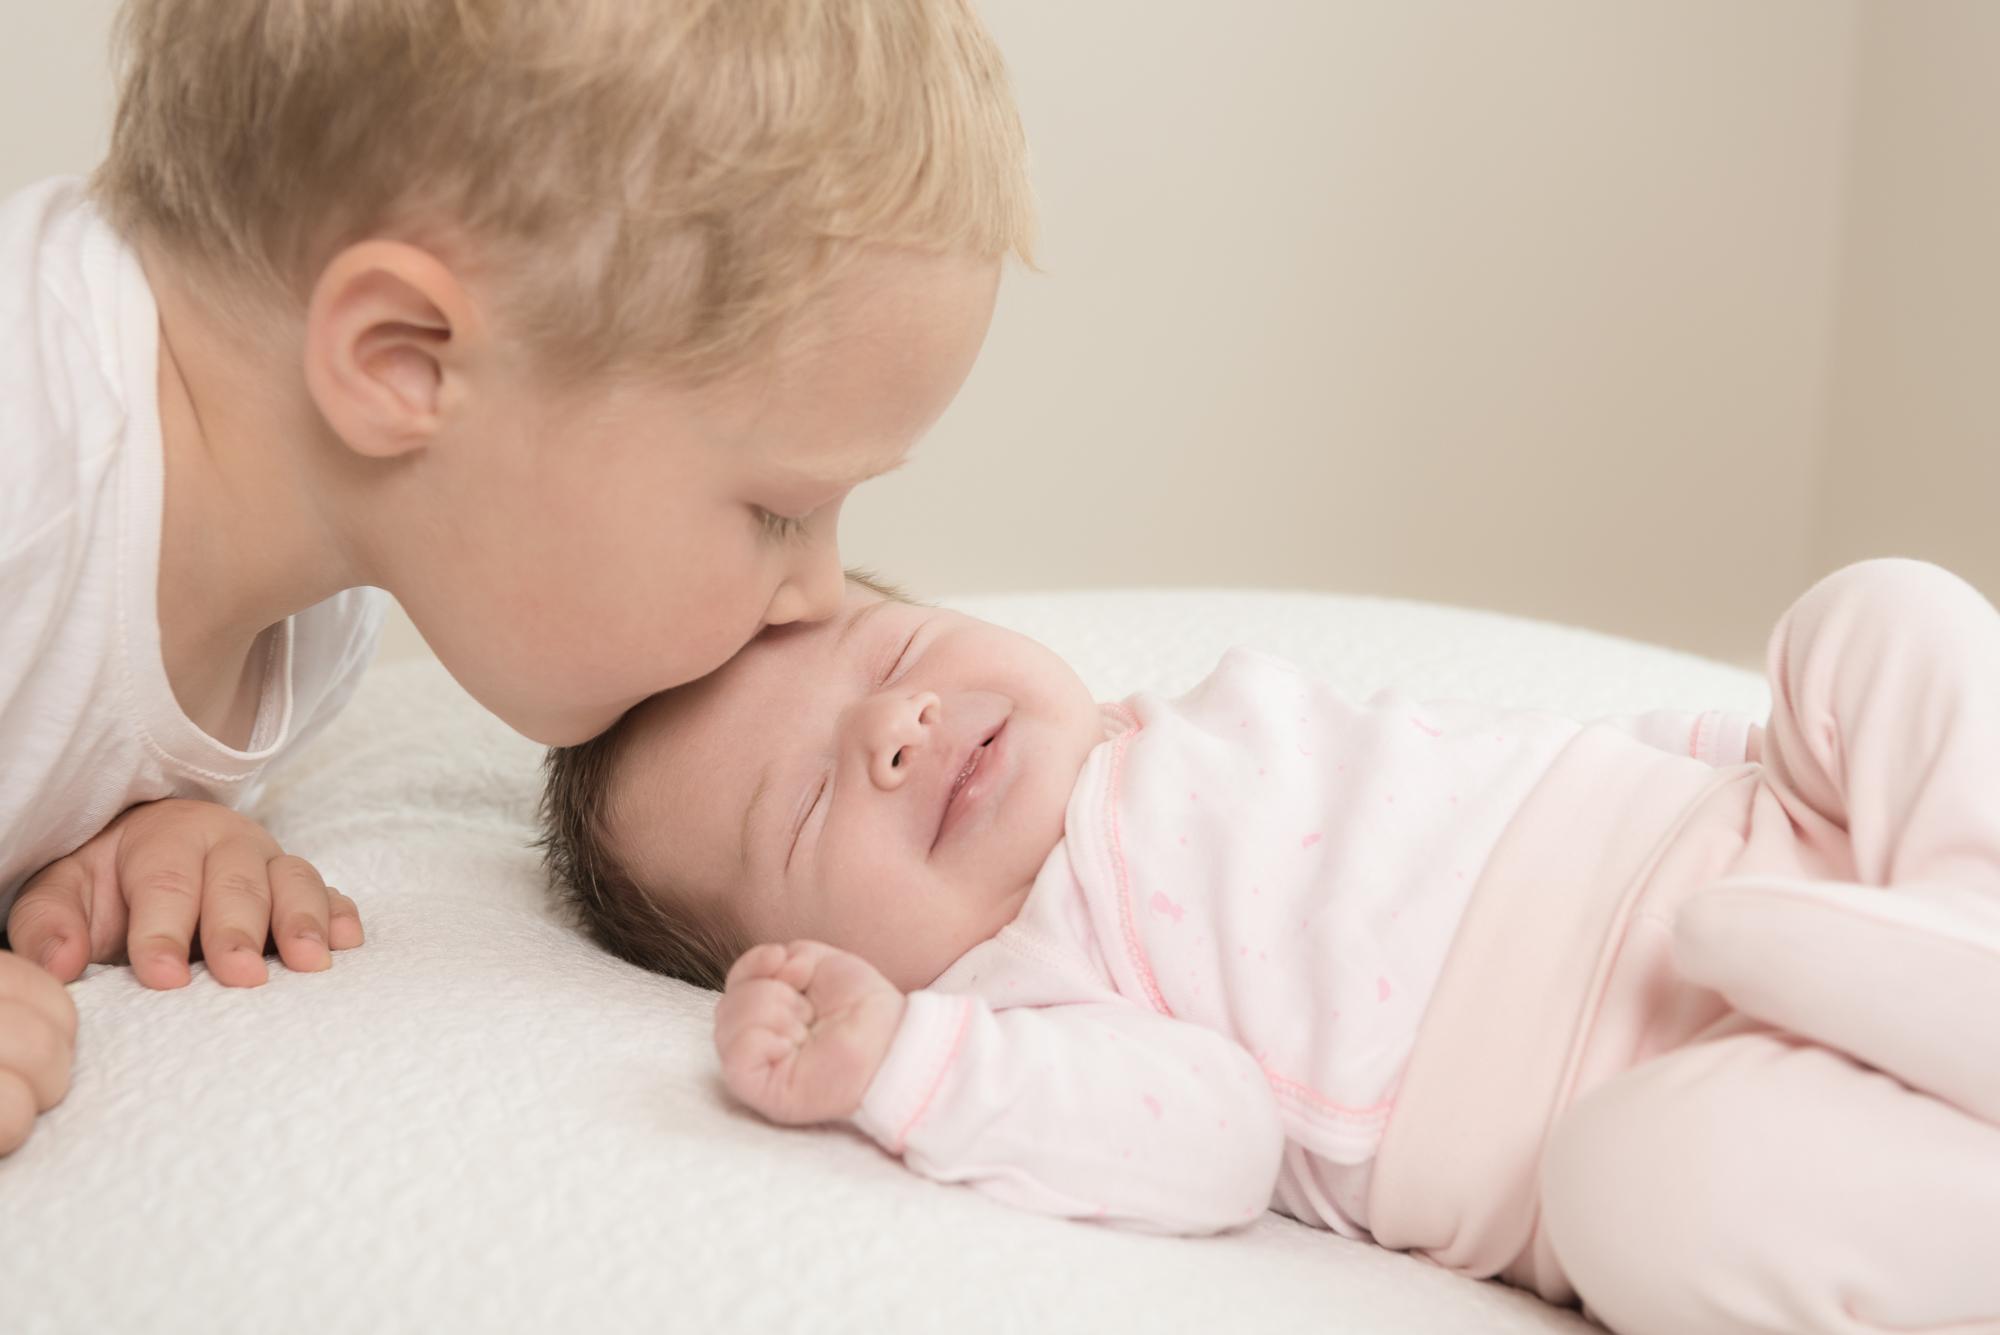 105-Nyfødt_famile_kjærlighet_glede_baby.jpg